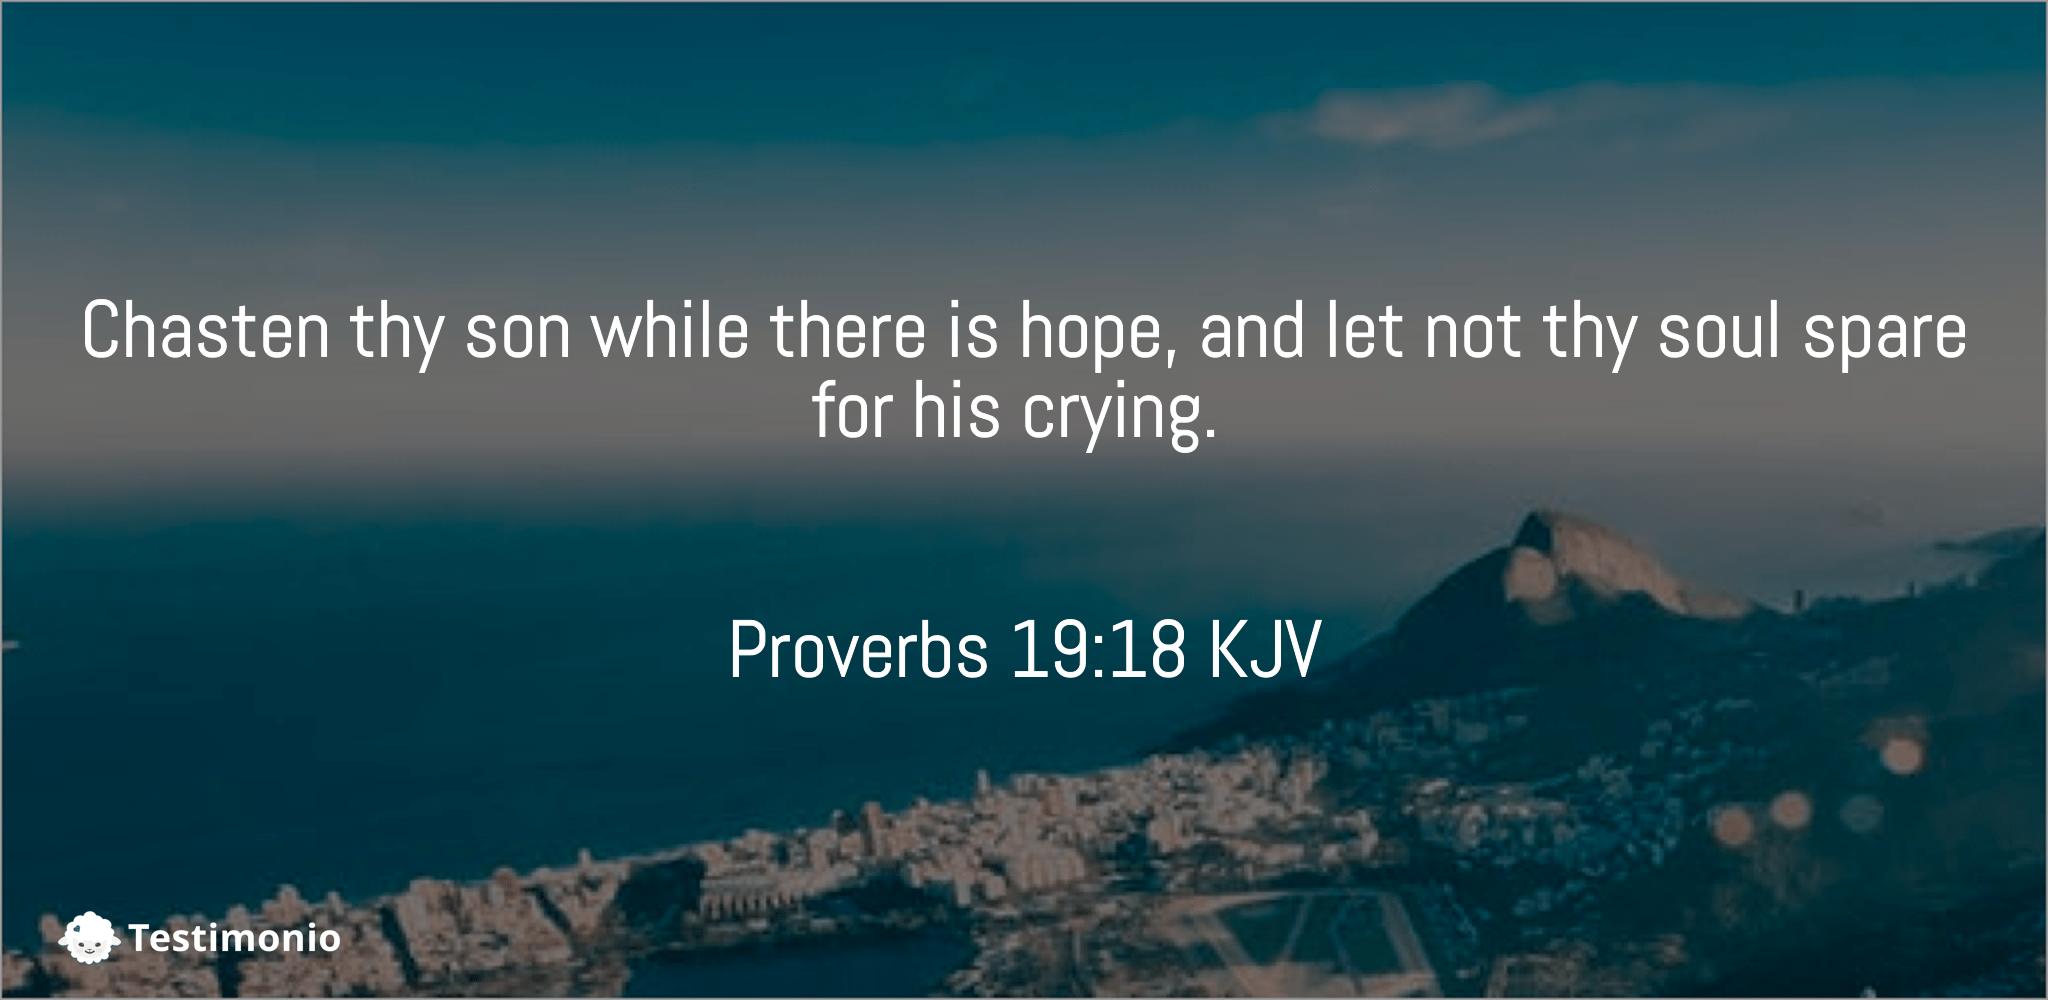 Proverbs 19:18